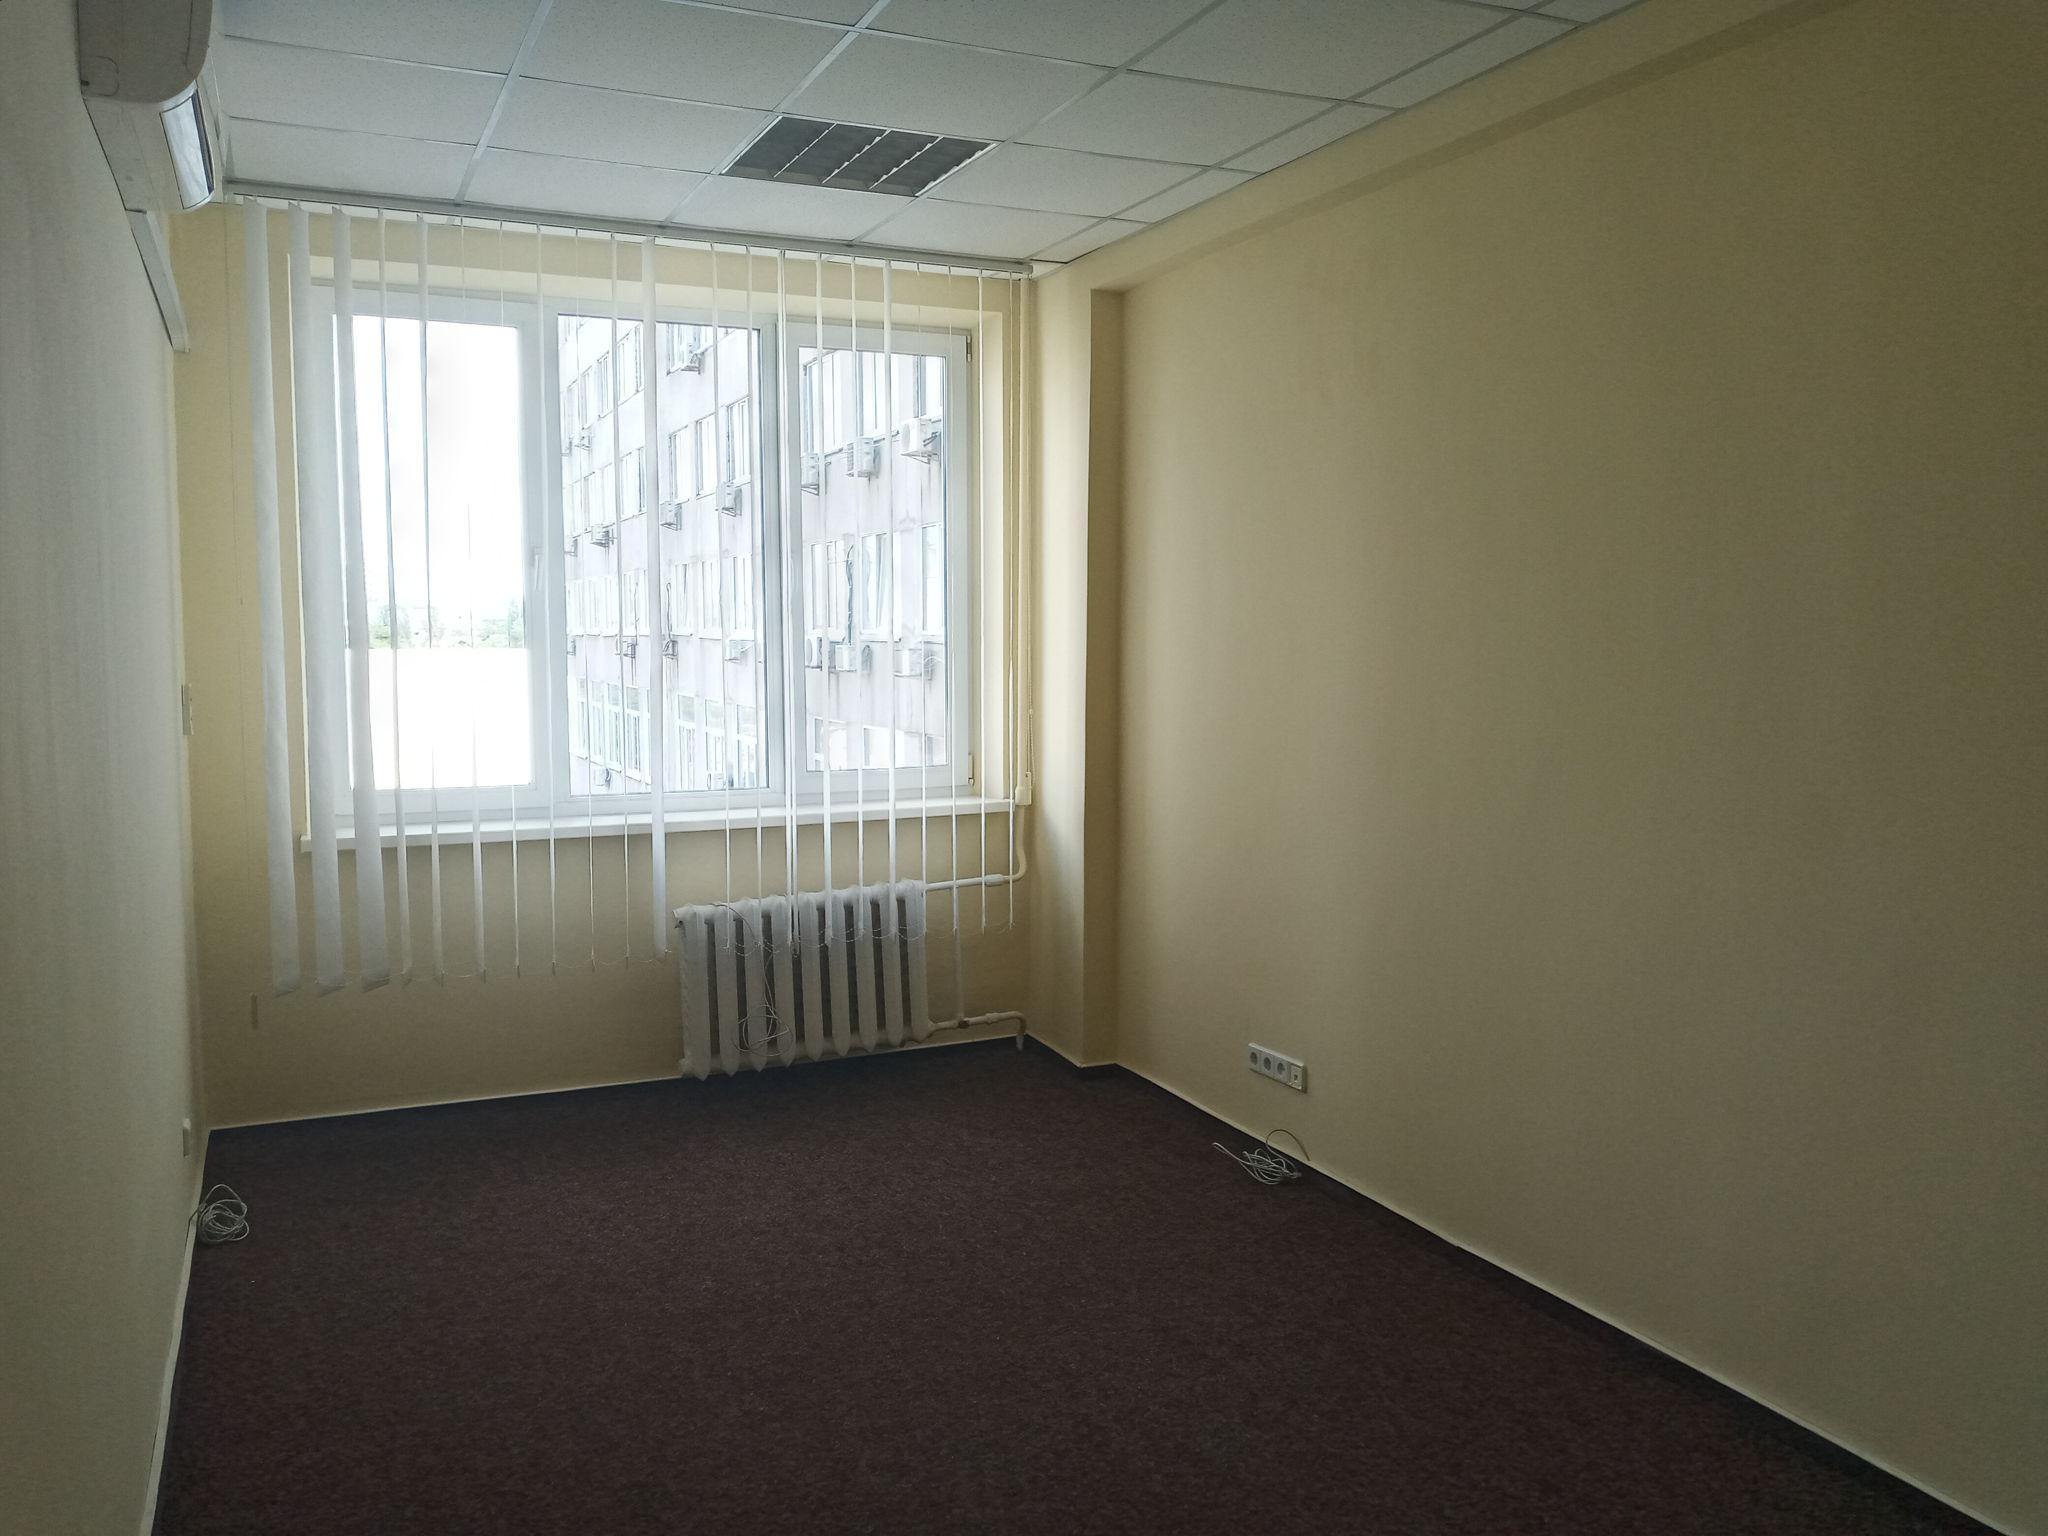 Офис, W-6136862, Сверстюка Евгения (Расковой Марины), 17, Киев - Фото 4